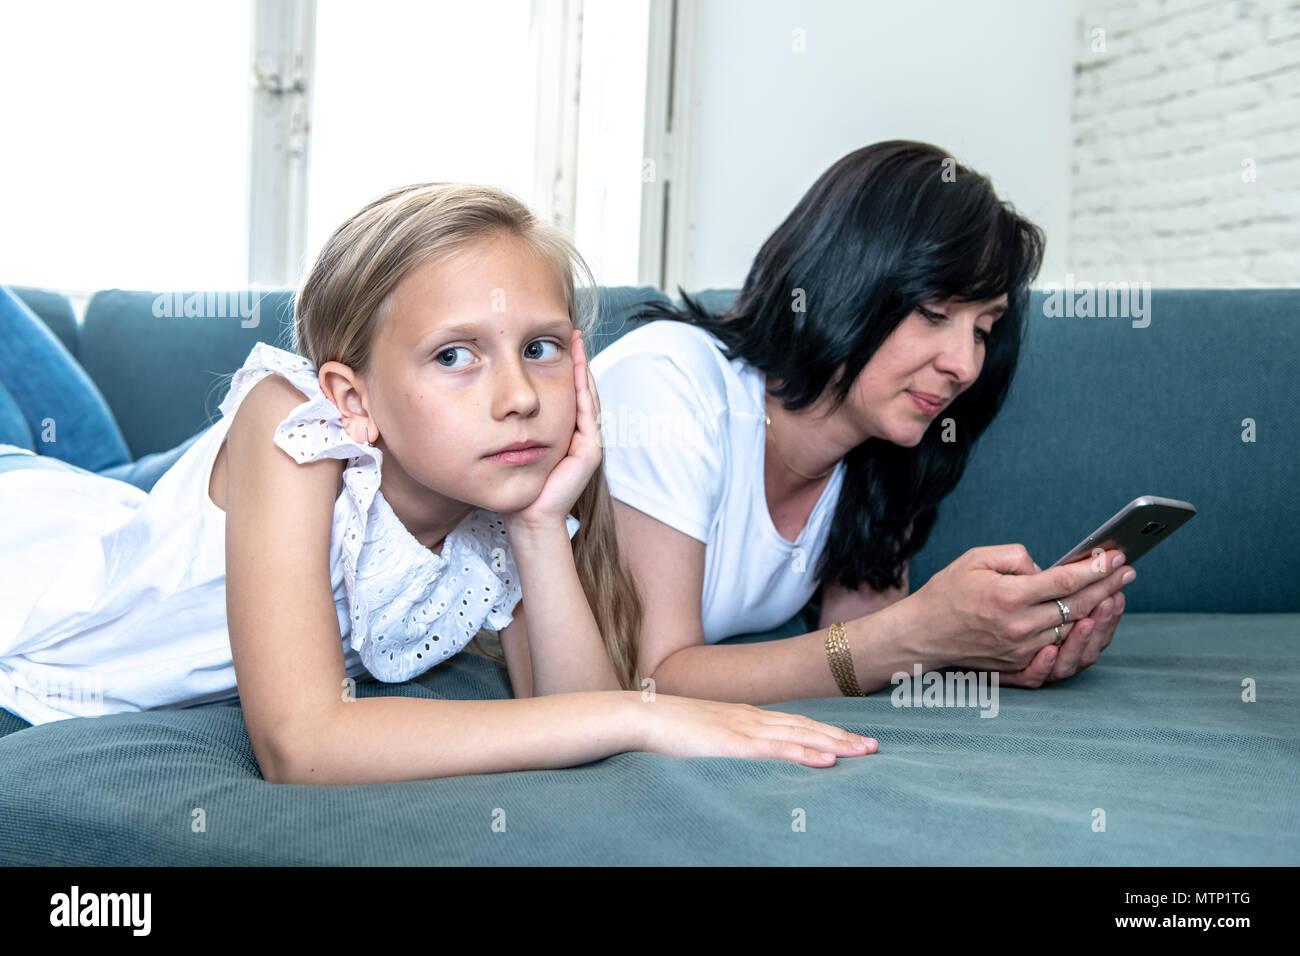 La tecnologia digitale di tossicodipendenti la mamma con il suo smart phone ignorando il suo triste bambina sentendosi abbandonato e infelice con la mamma non prestando attenzione a Immagini Stock